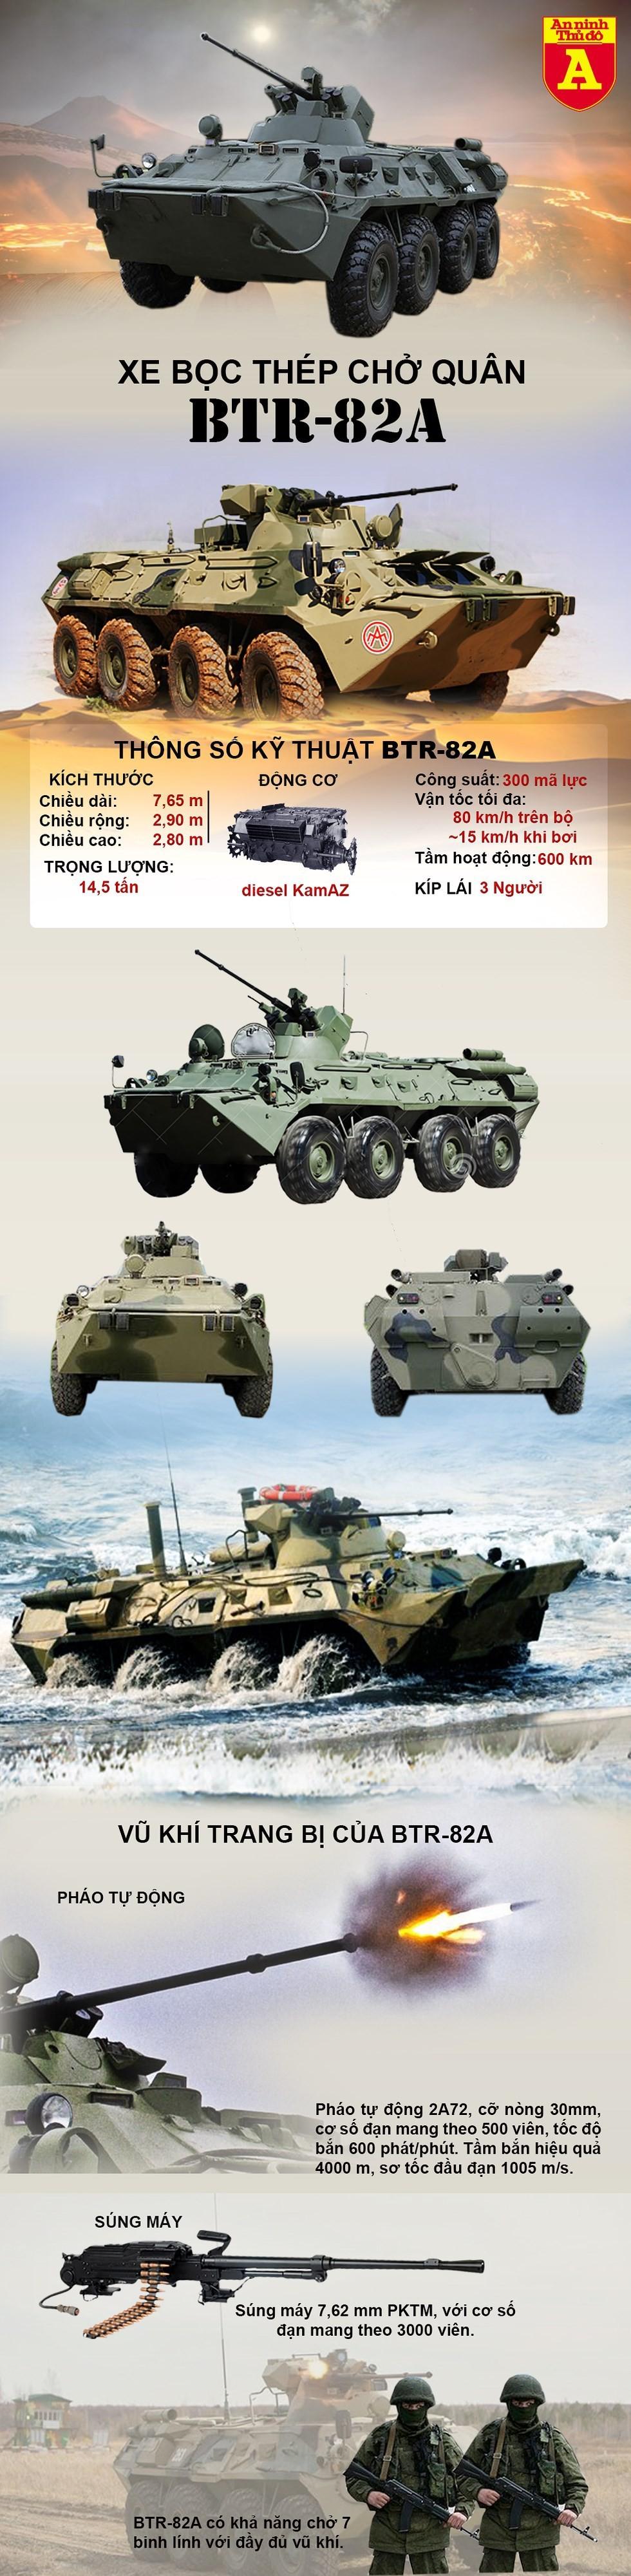 """[Info] """"Hổ thép"""" BTR-82A Nga thông chốt kiểm soát Mỹ tại Syria ảnh 3"""